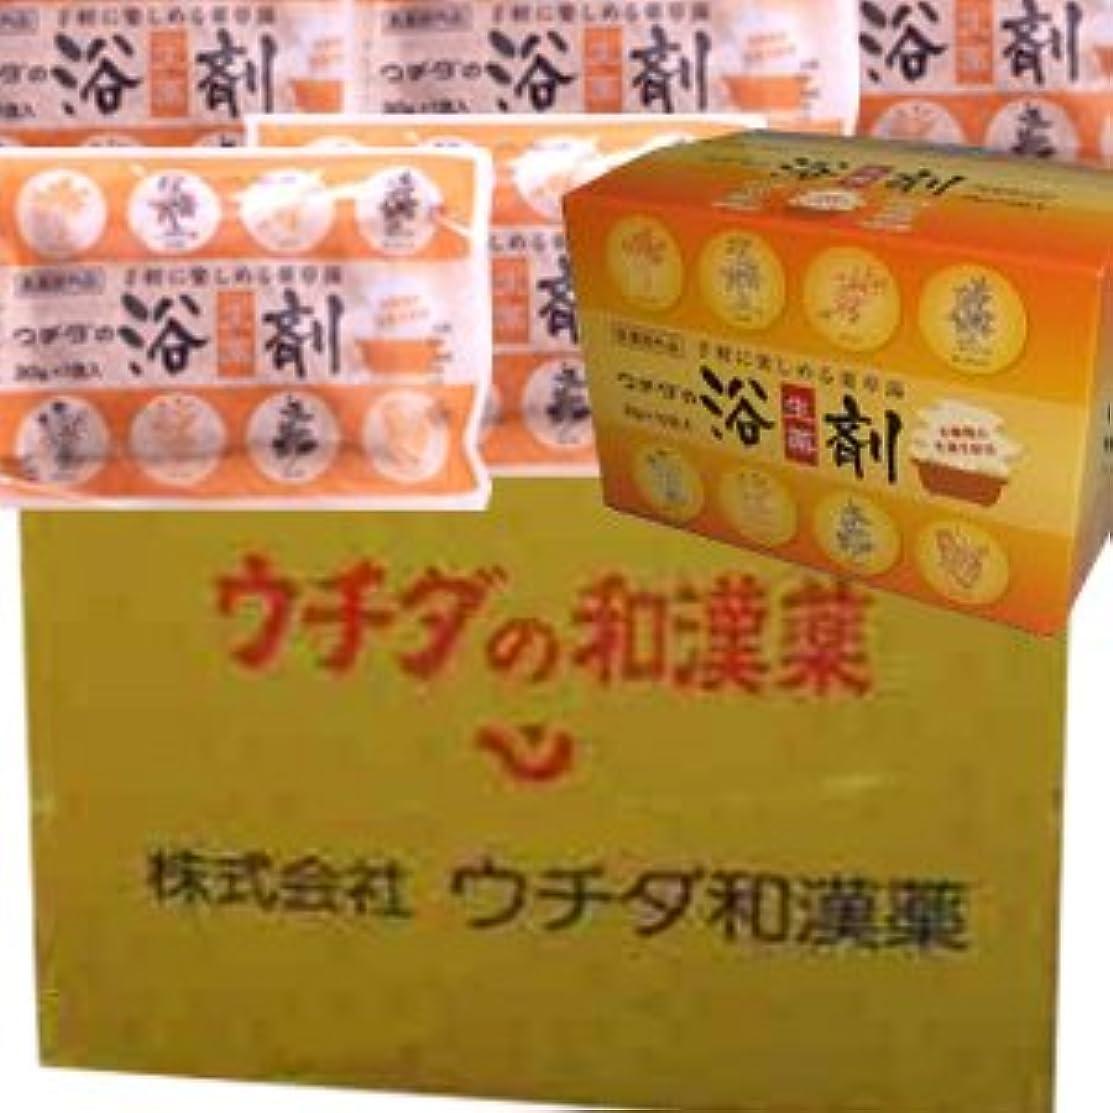 異常な有罪プット【12個1ケース】 ウチダの浴剤 30g×10袋入×12個+6袋 (4987359400025)